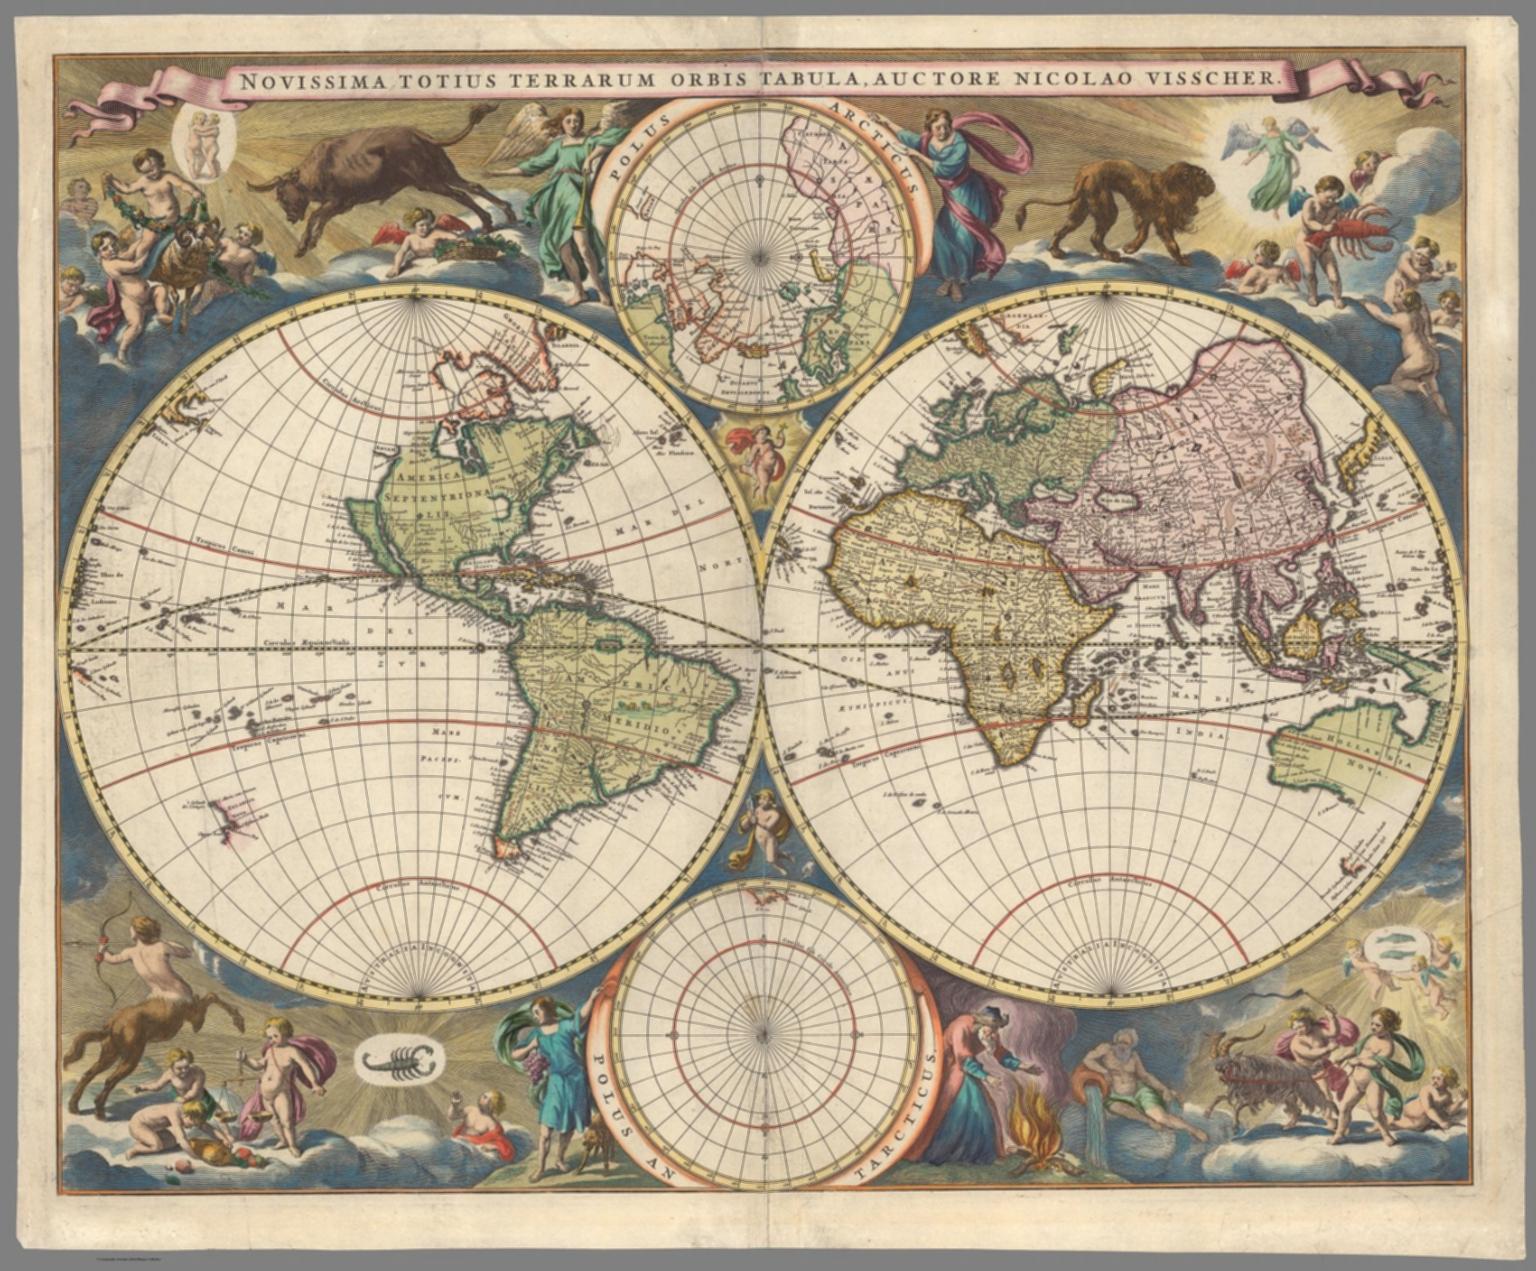 Novissima Totius Terrarum Orbis Tabula, Auctore Nicolao Visscher